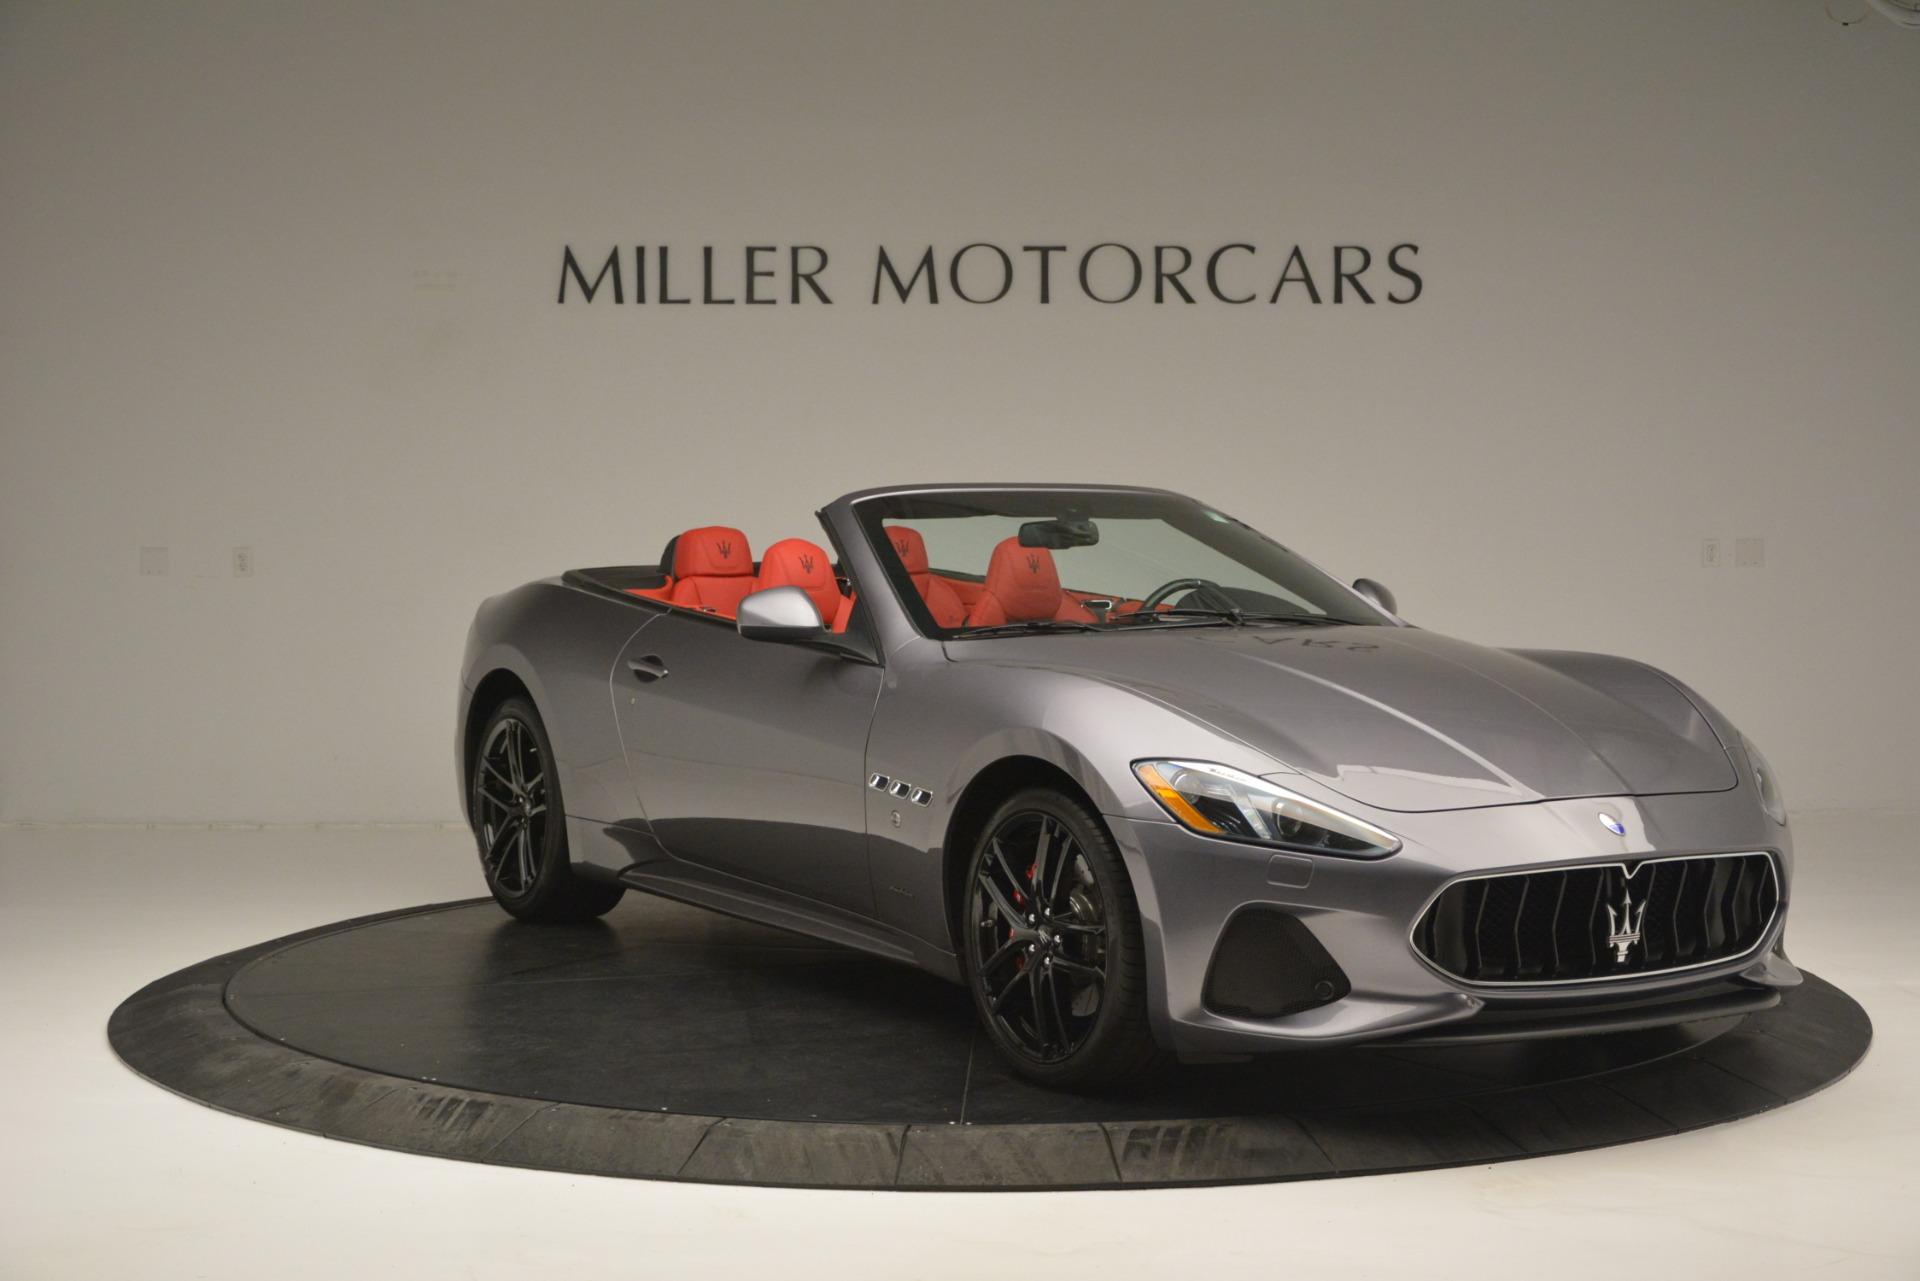 Used 2018 Maserati GranTurismo Sport For Sale In Greenwich, CT. Alfa Romeo of Greenwich, 7626 2637_p9